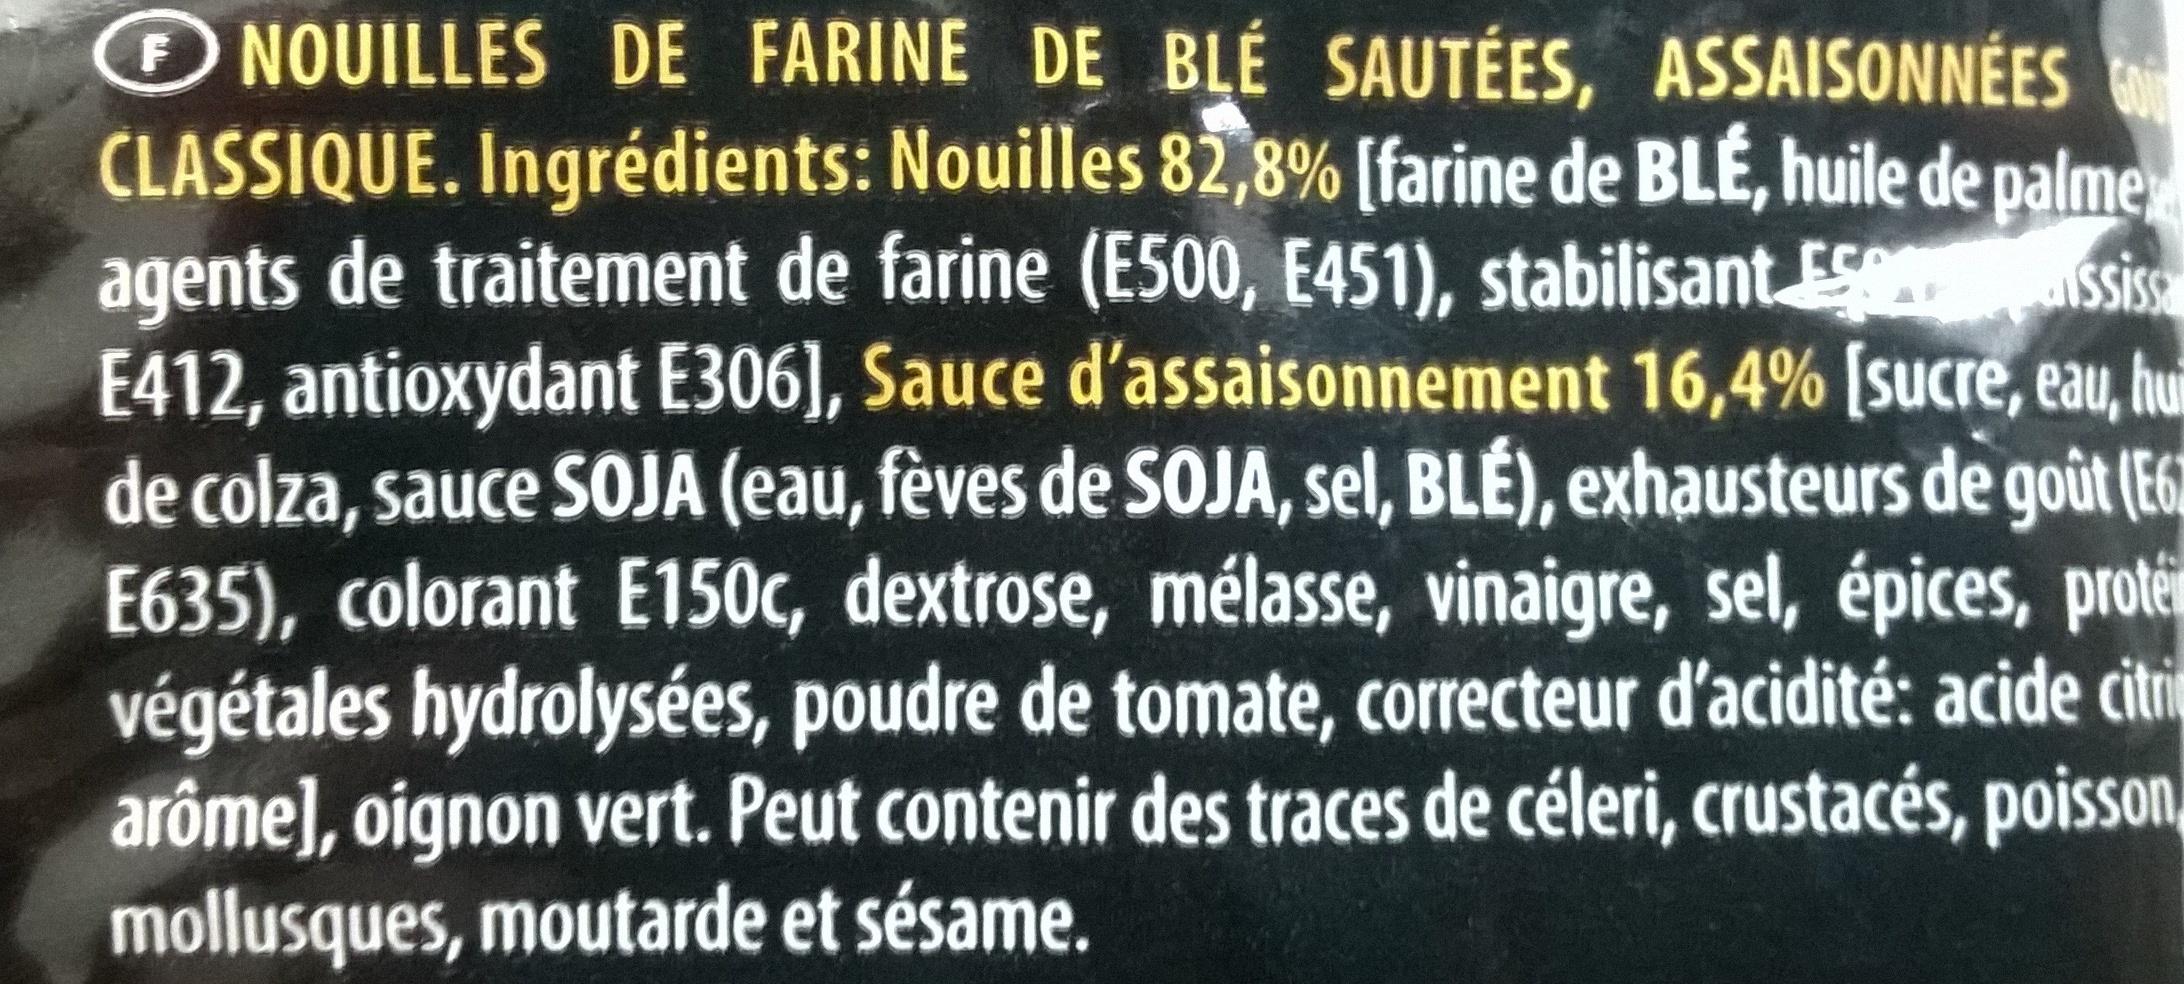 Soba classique nouilles sautées chinoises - Ingrediënten - fr